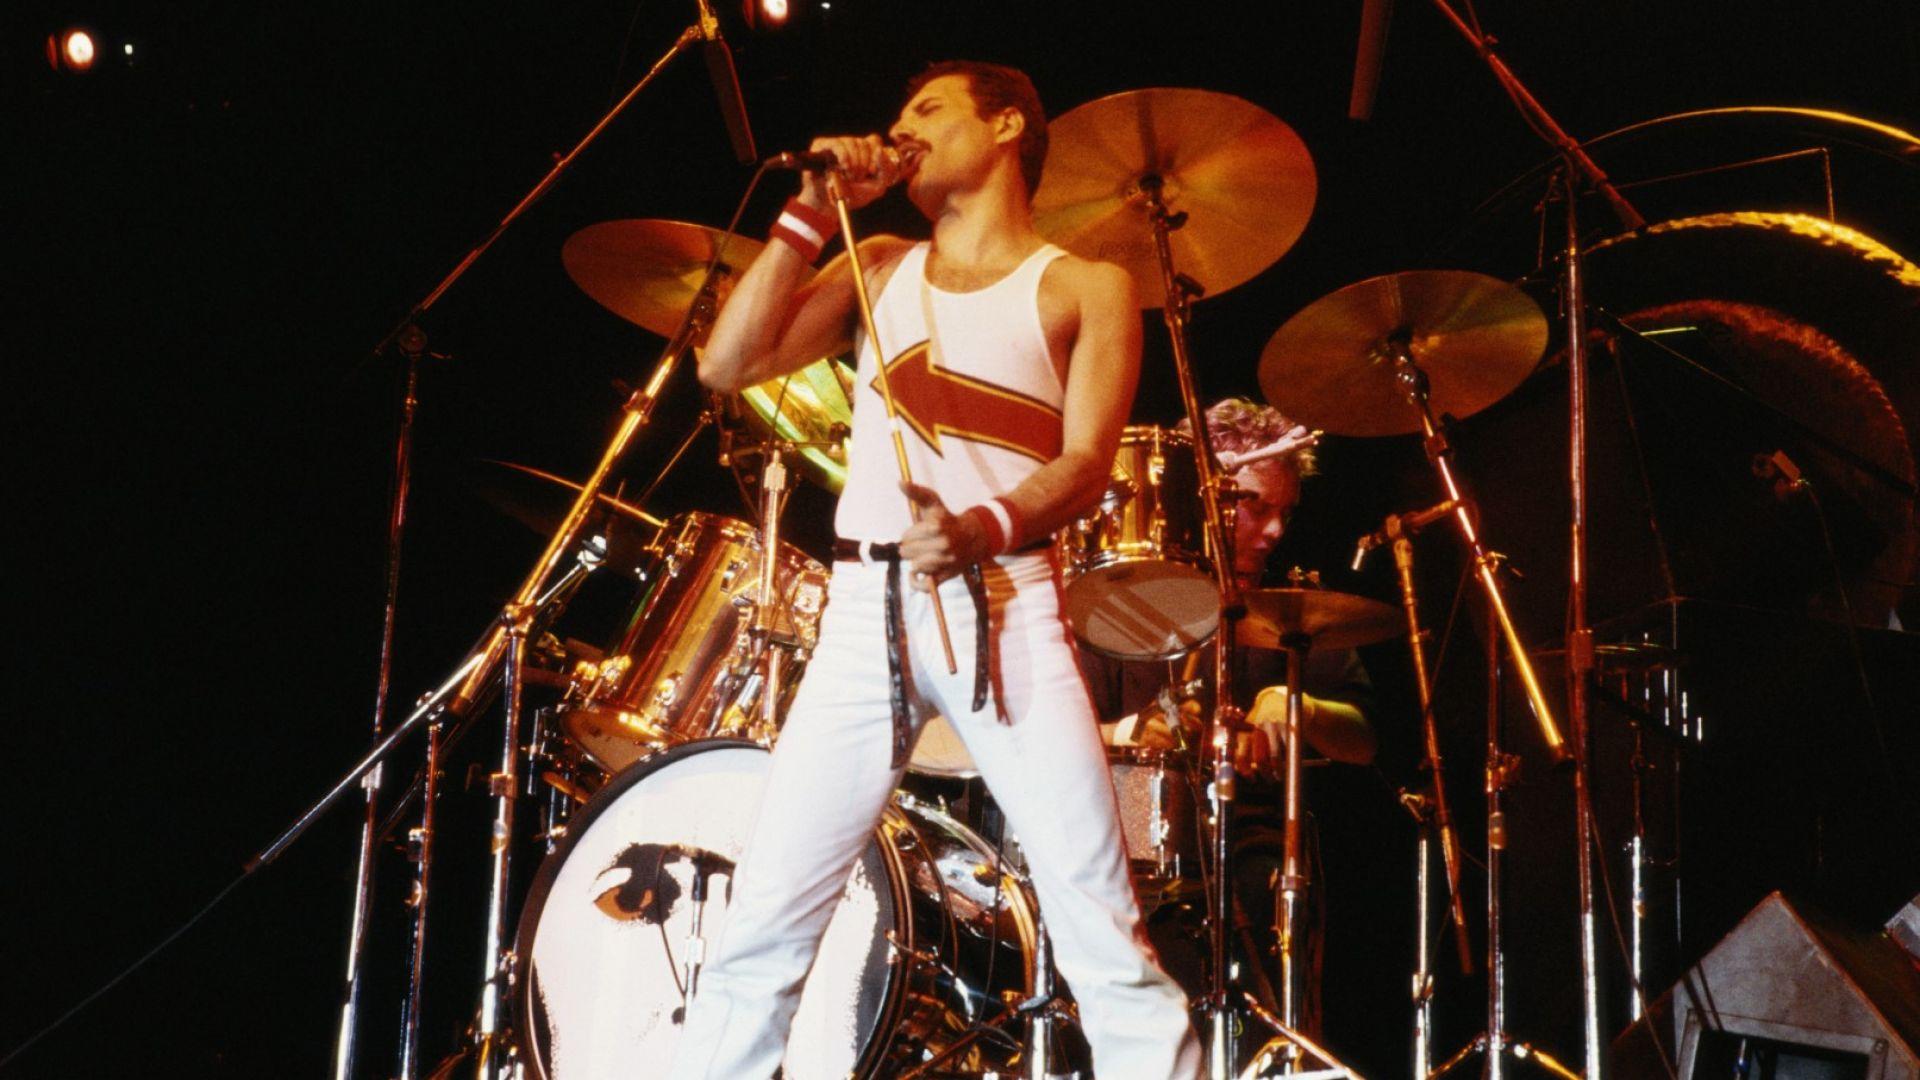 Изпълнението на Queen на Live Aid: най-знаковият фест момент